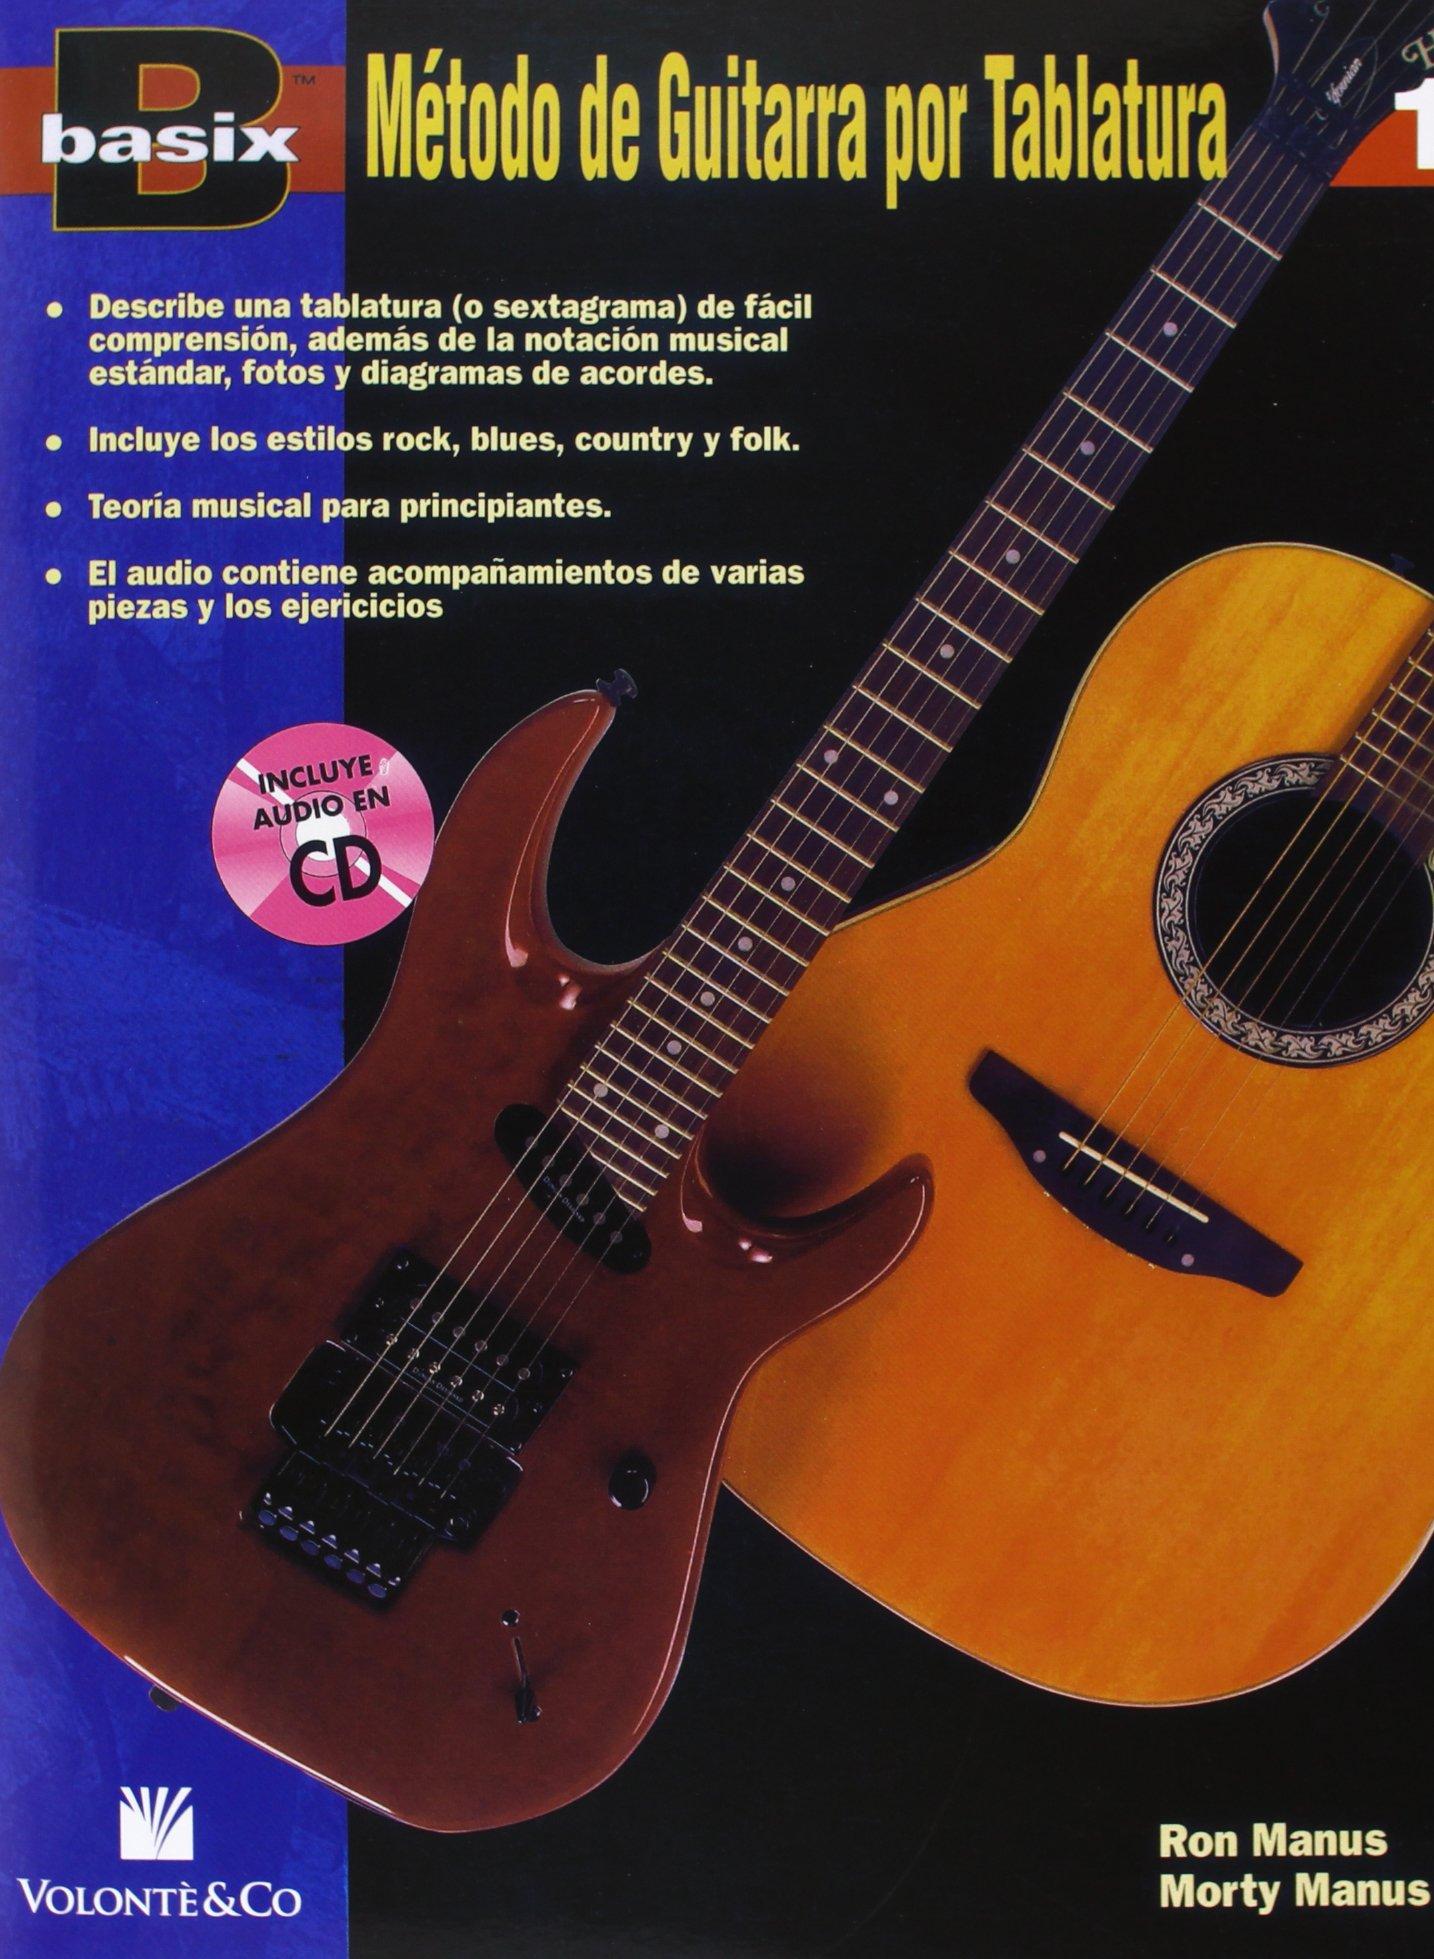 BASIX METODO GUITARRA 1 + CD: Amazon.es: Manus Ron/Manus Morty: Libros